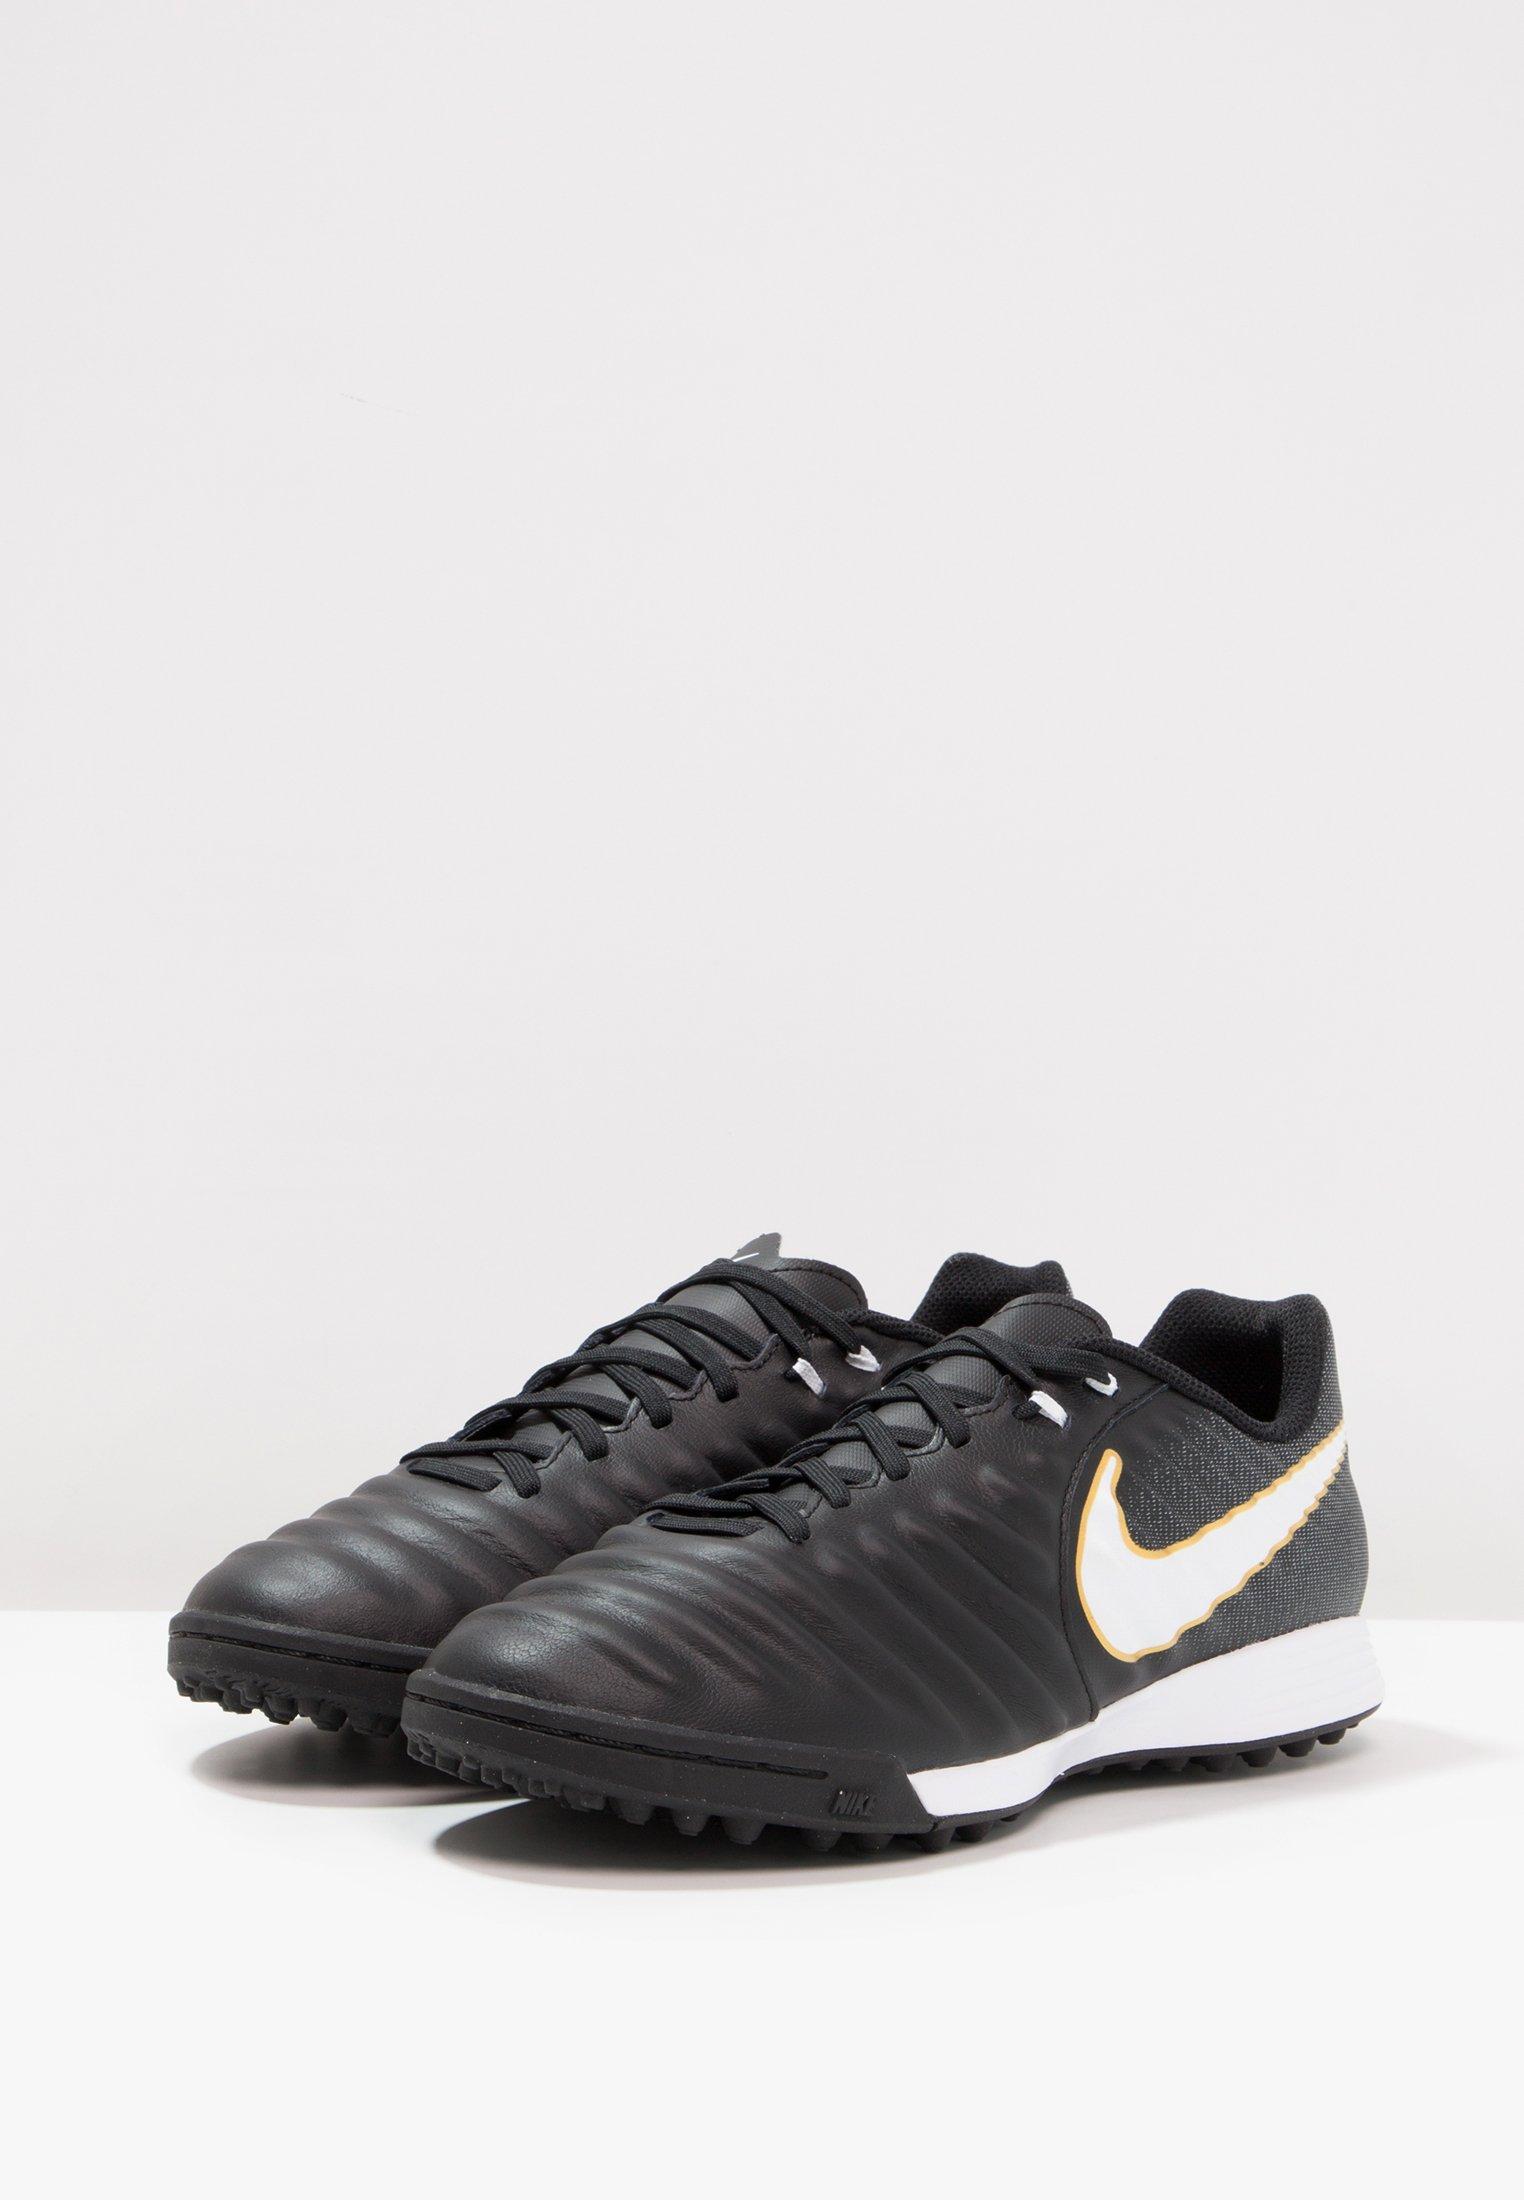 Nike Performance TIEMPOX LIGERA IV TF - Scarpe da calcetto con tacchetti - black/white | Scarpe Prezzo Speciale